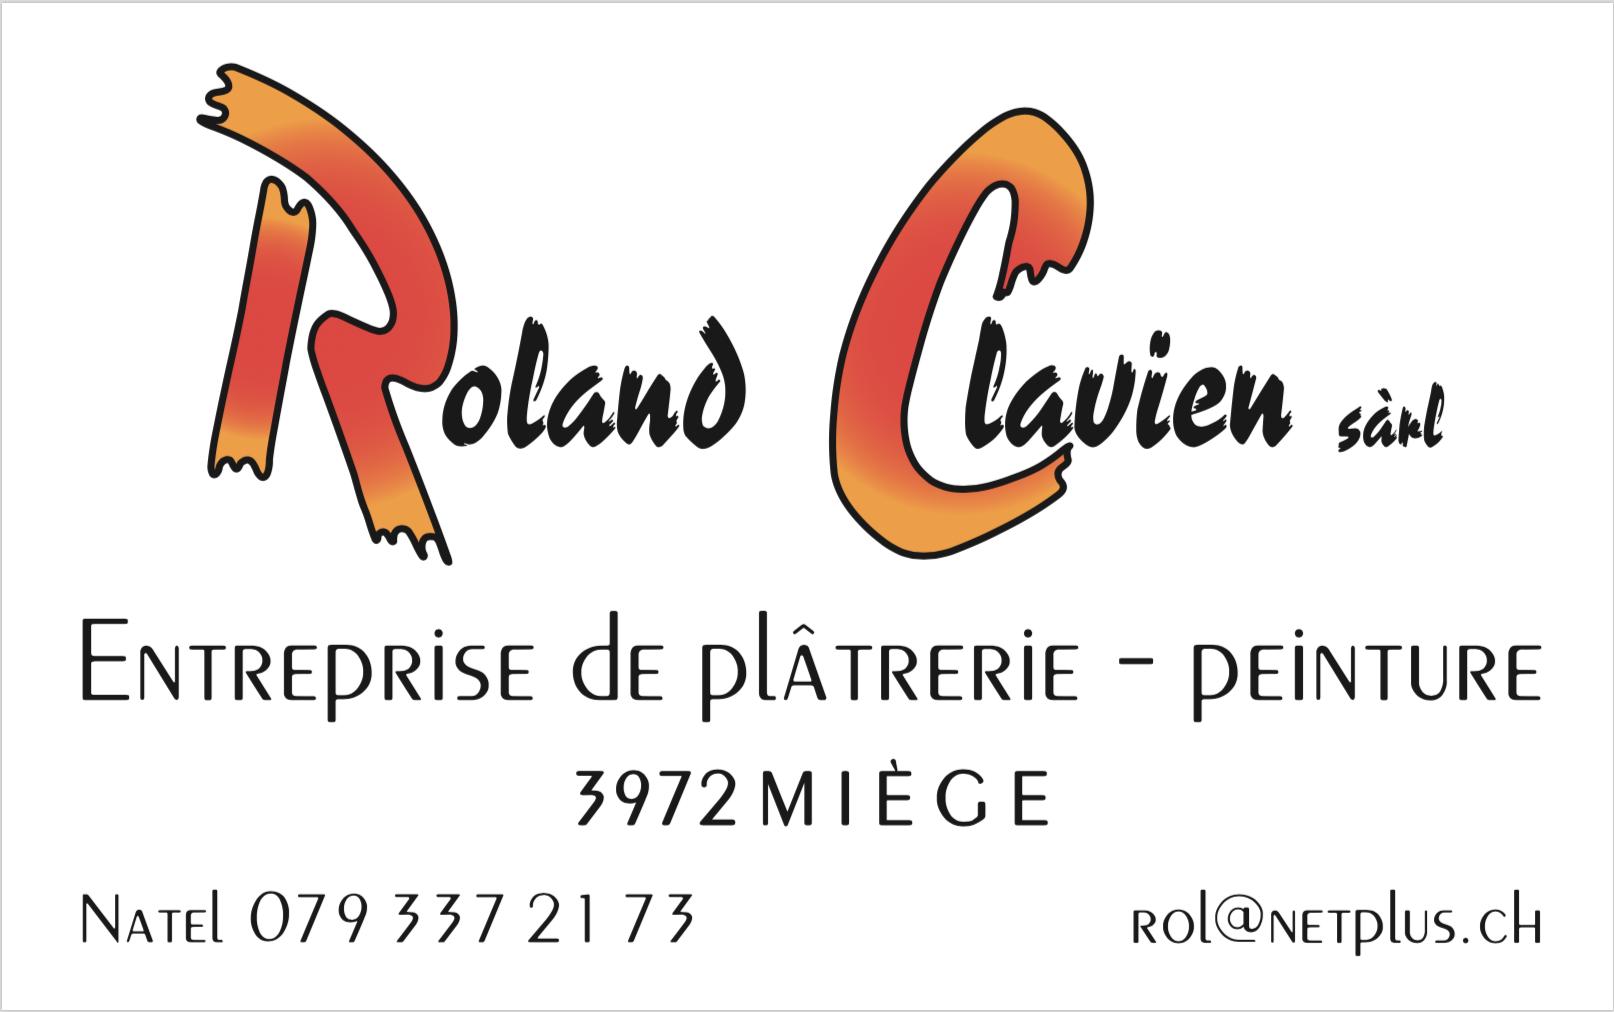 Roland Clavien sàrl